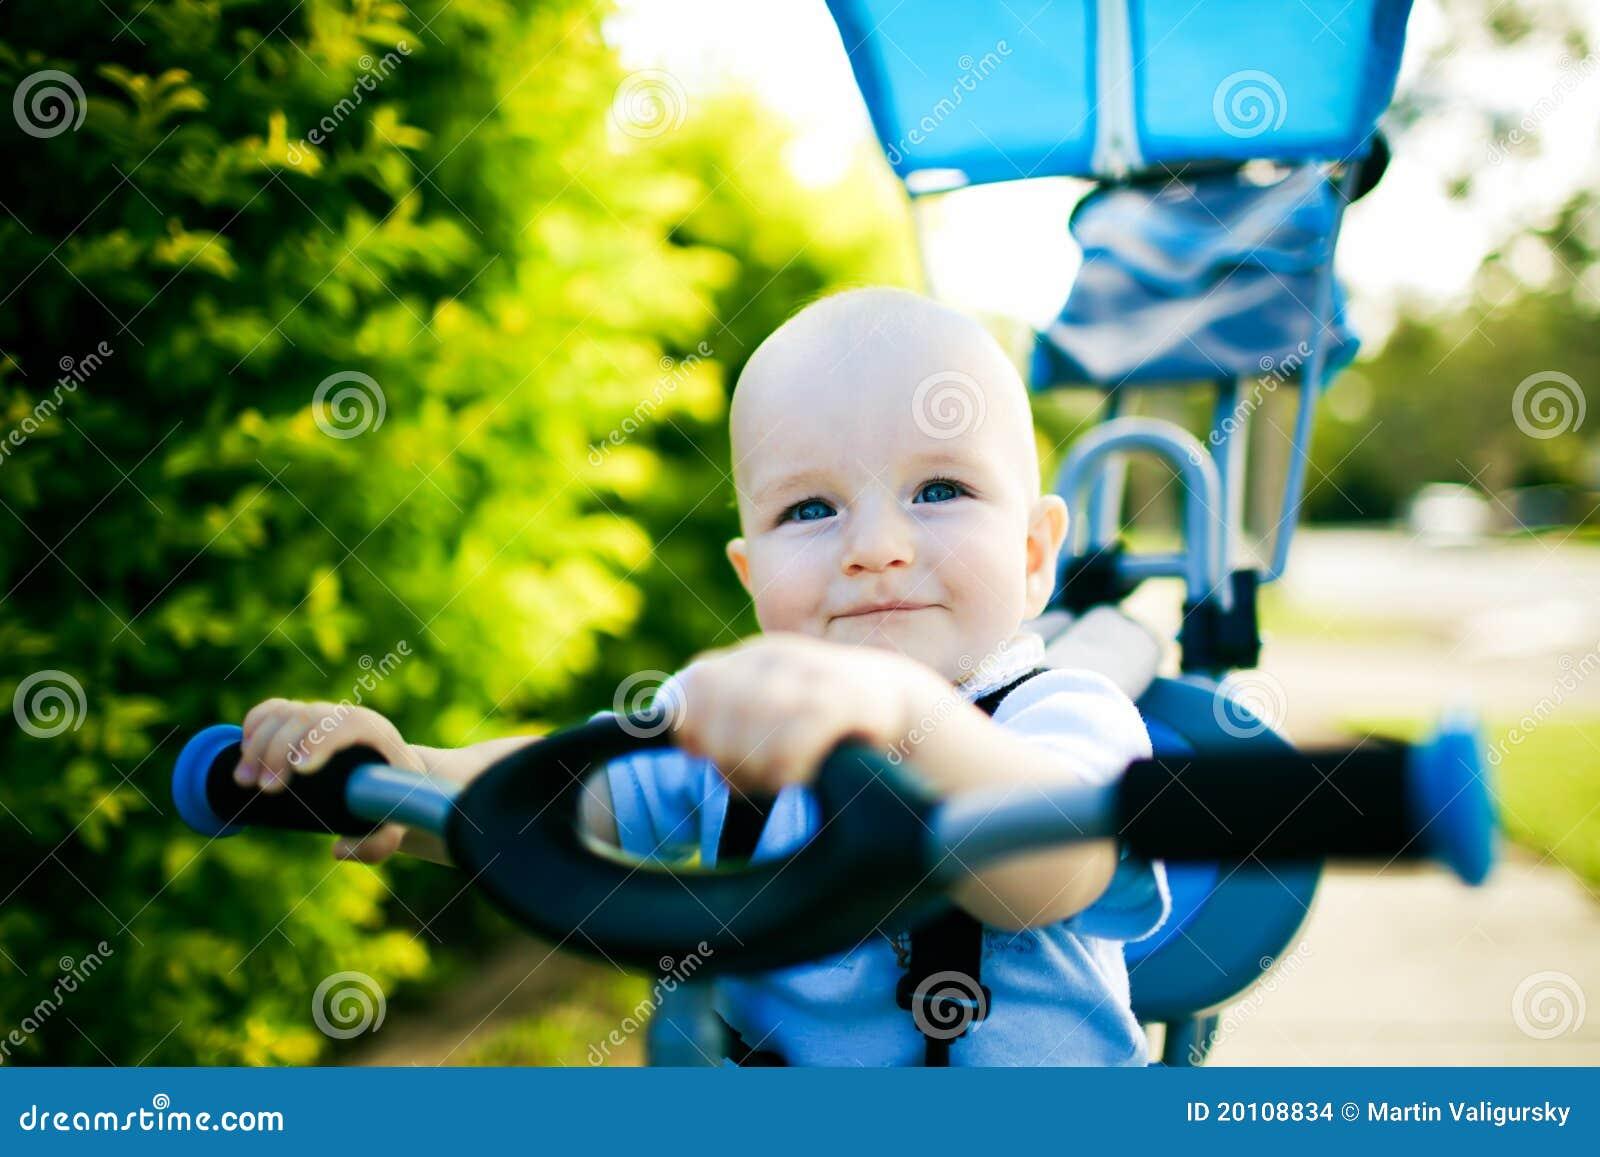 Schließen Sie oben von einem glücklichen Kind, das auf Fahrrad sitzt